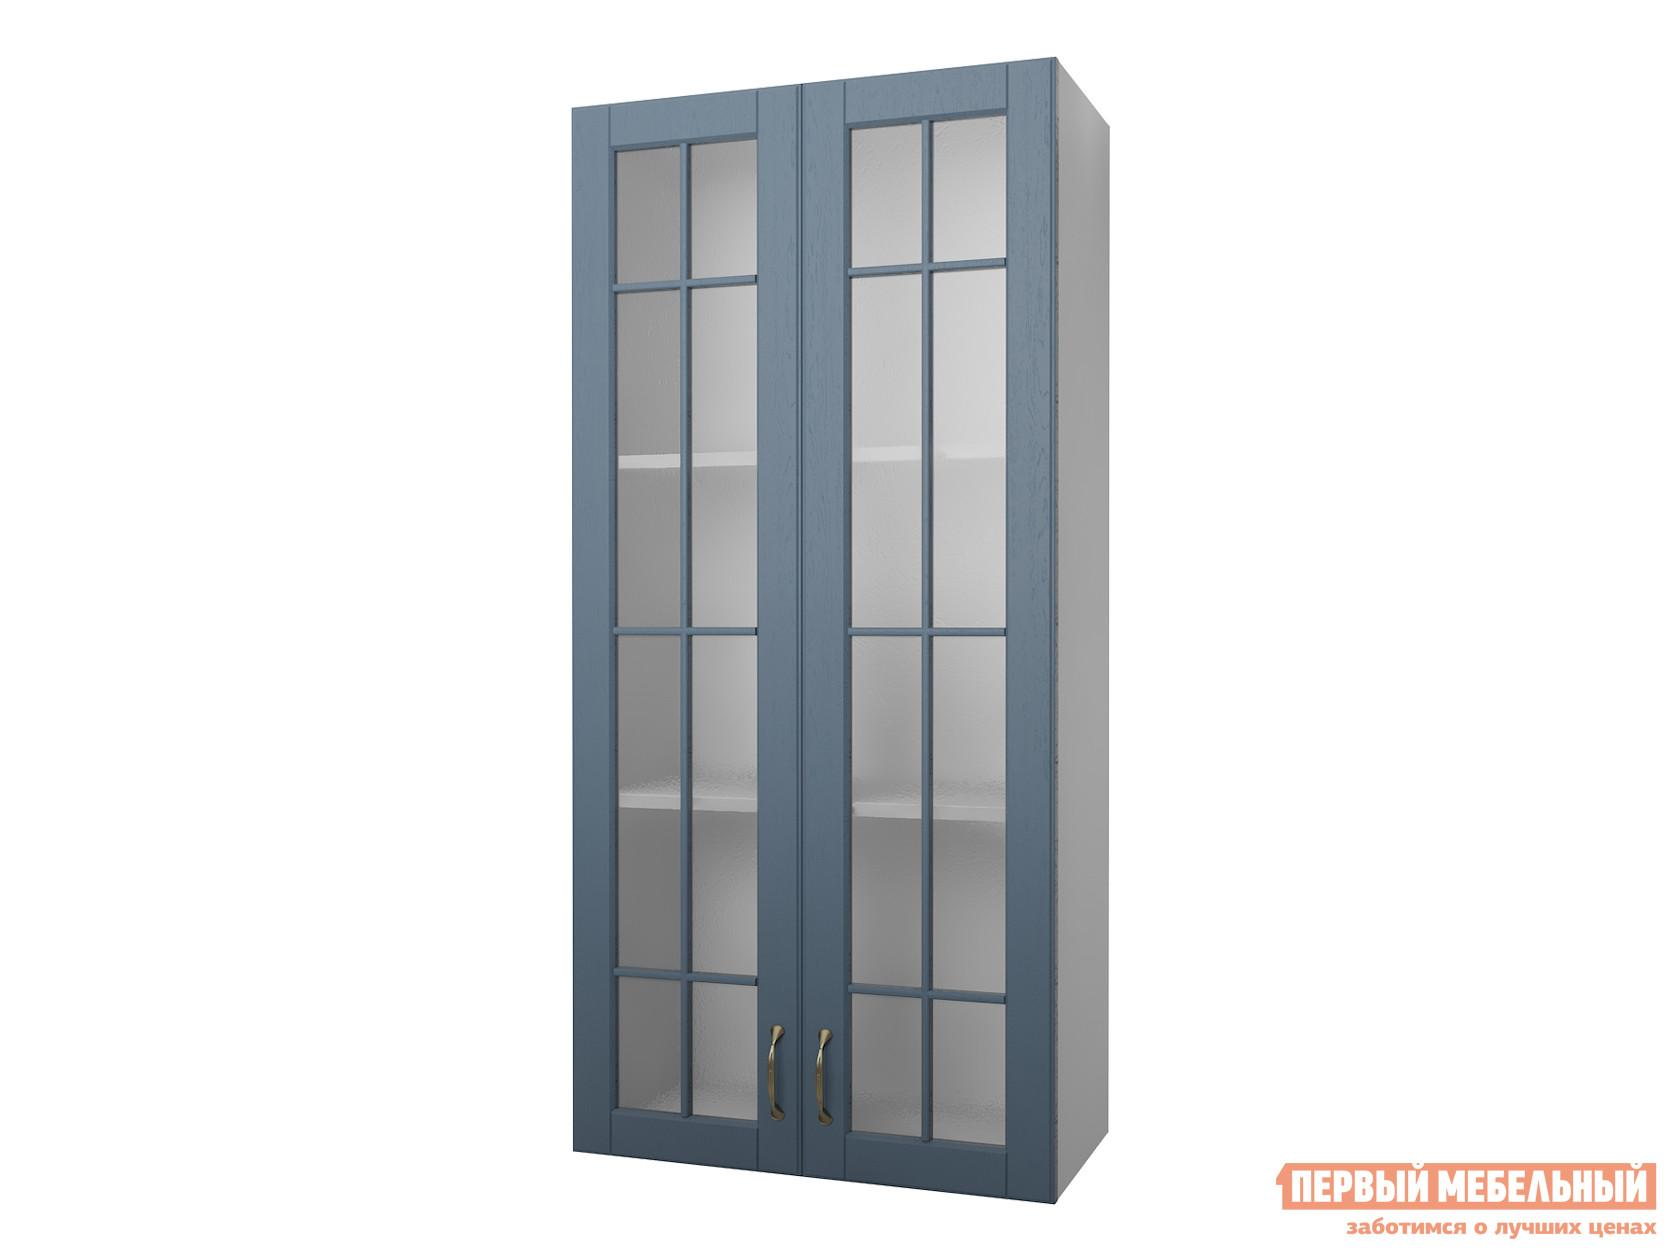 Кухонный модуль Первый Мебельный Полупенал навесной Н=130 см 2 двери со стеклом 60 см Палермо